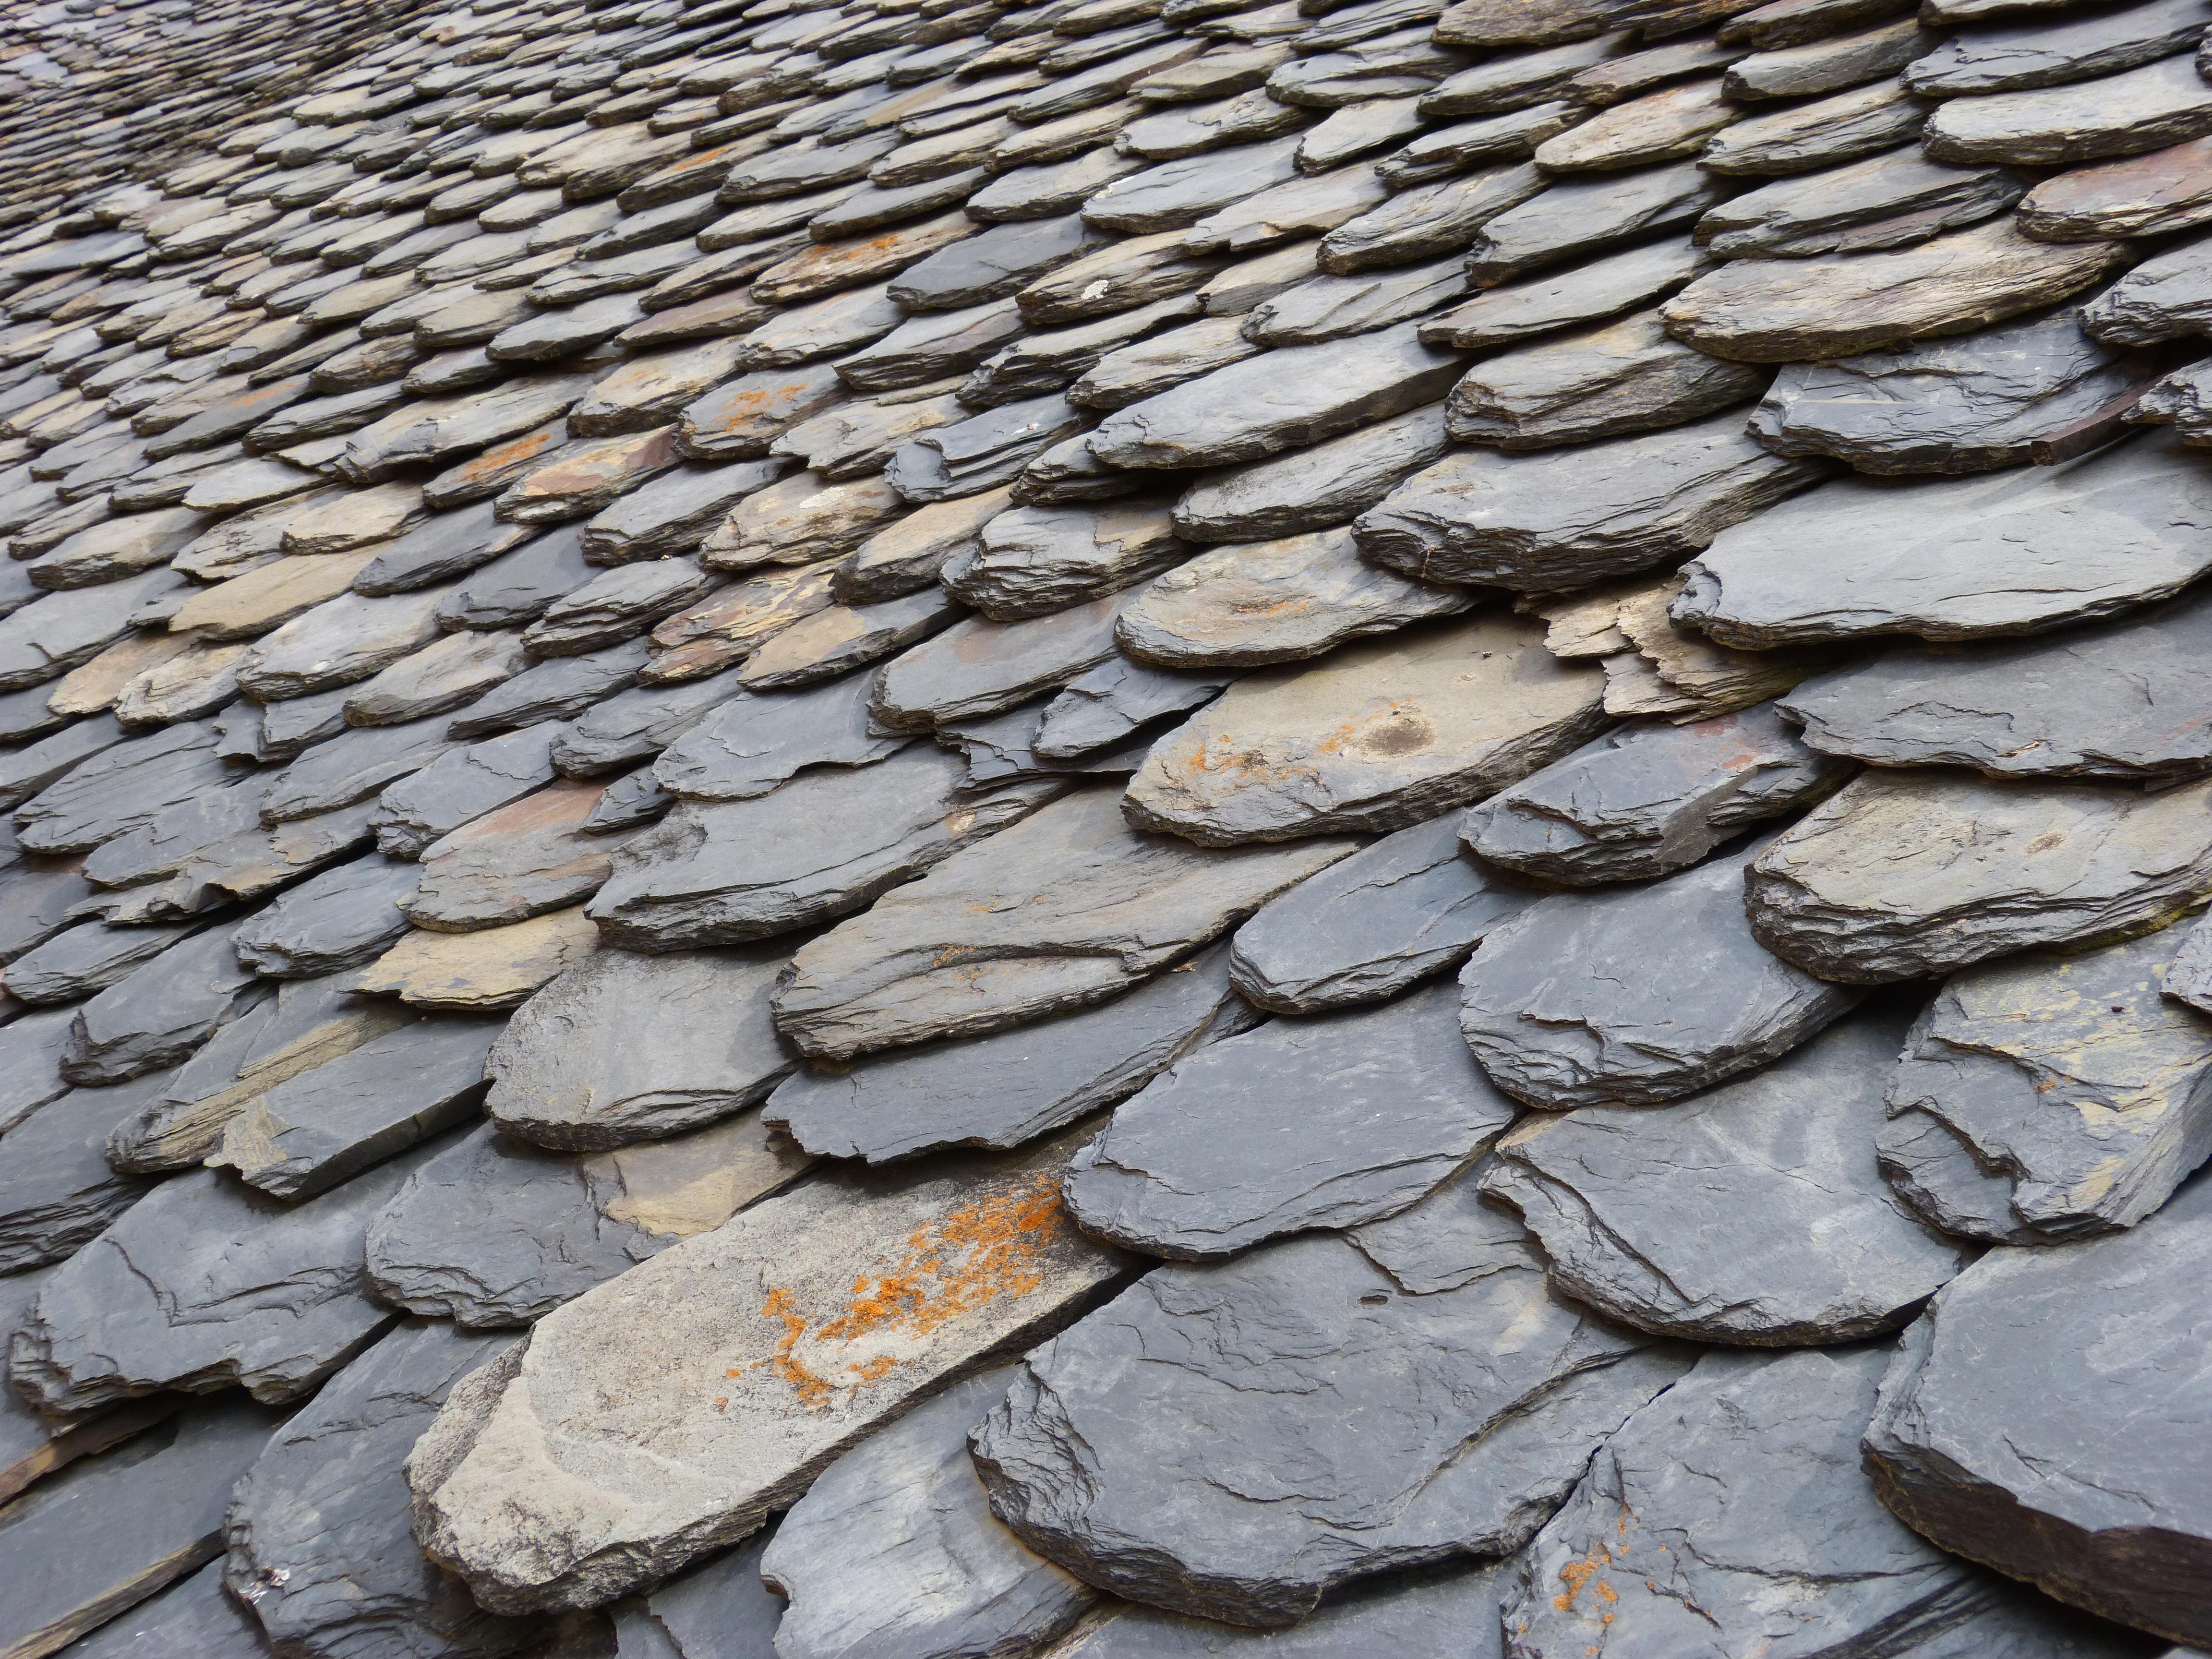 Fotos gratis rock madera textura piso techo guijarro pared asfalto pasarela suelo - Teja de pizarra ...